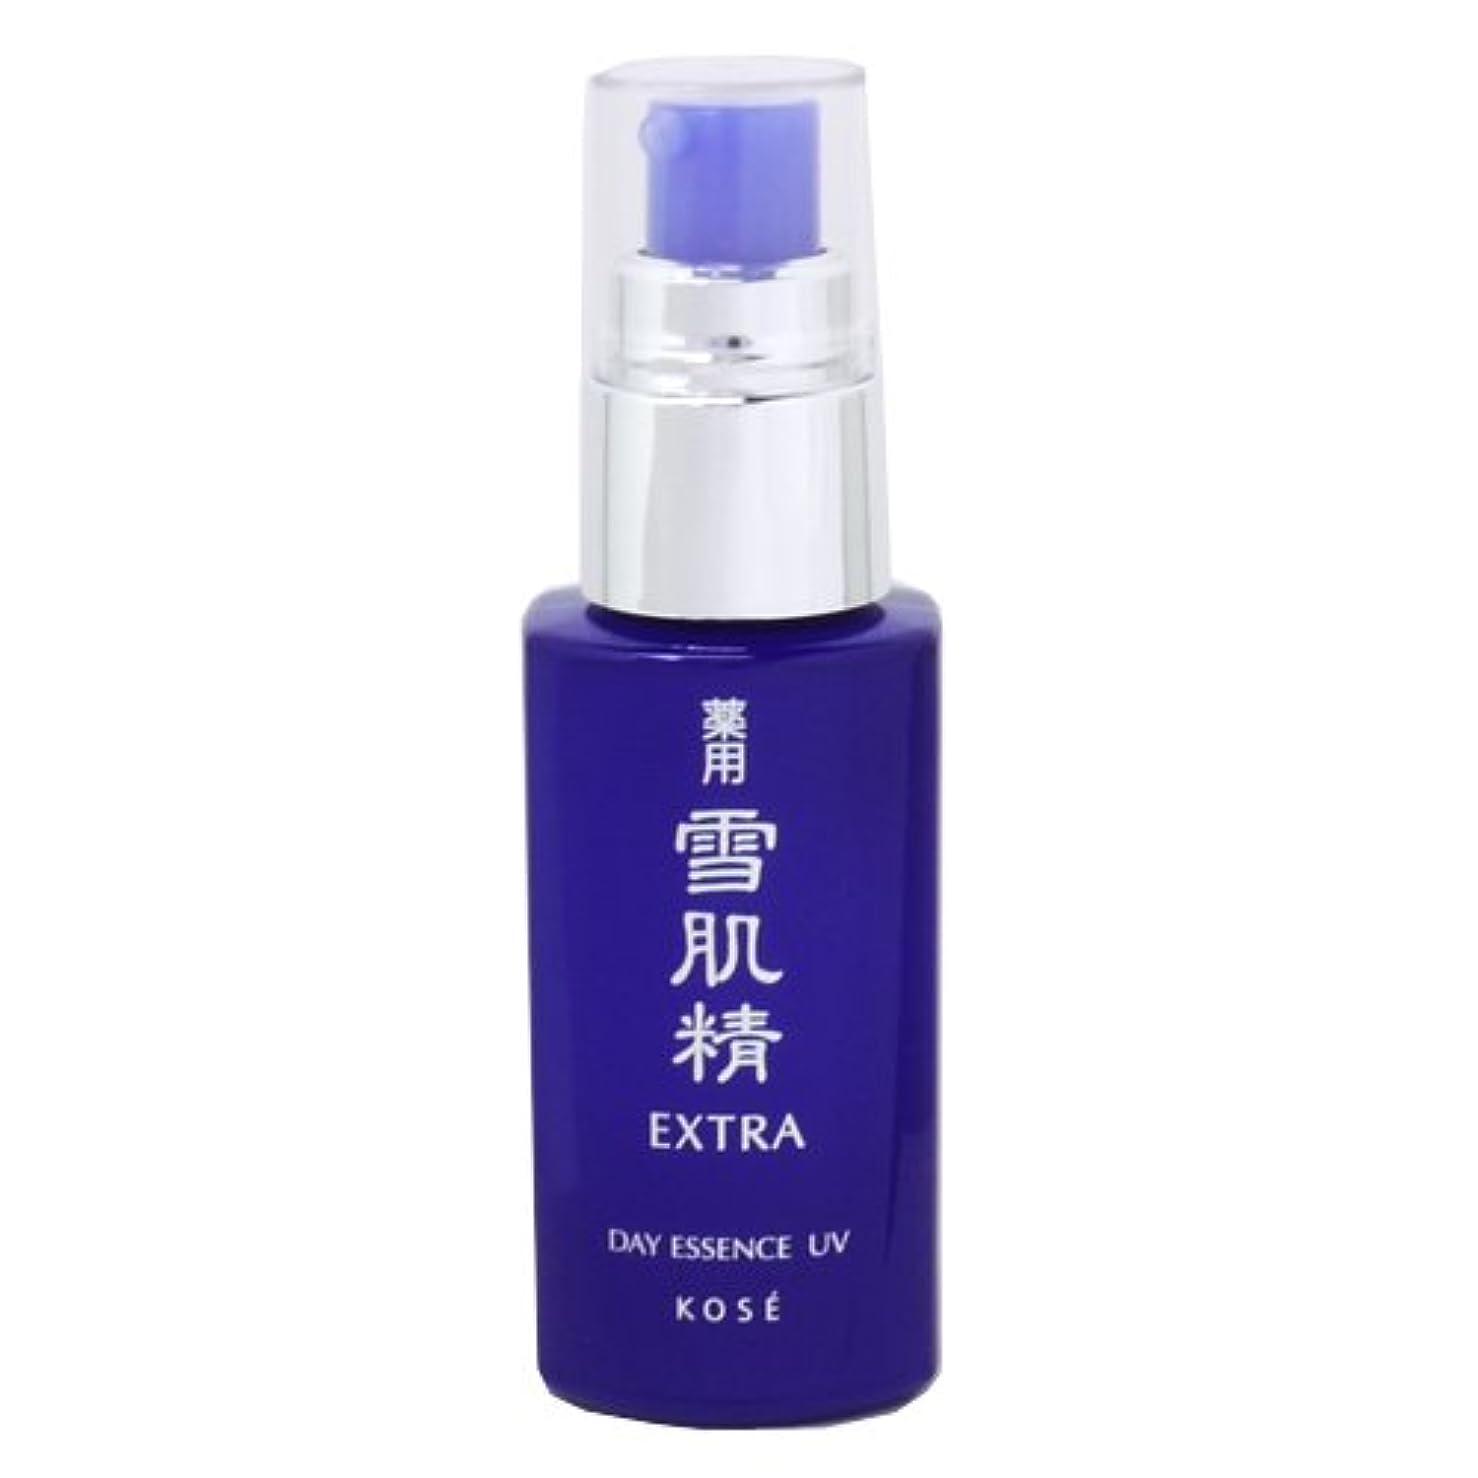 安全性ペンス男コーセー 雪肌精 エクストラ デイエッセンス UV SPF24 PA+ 40mL